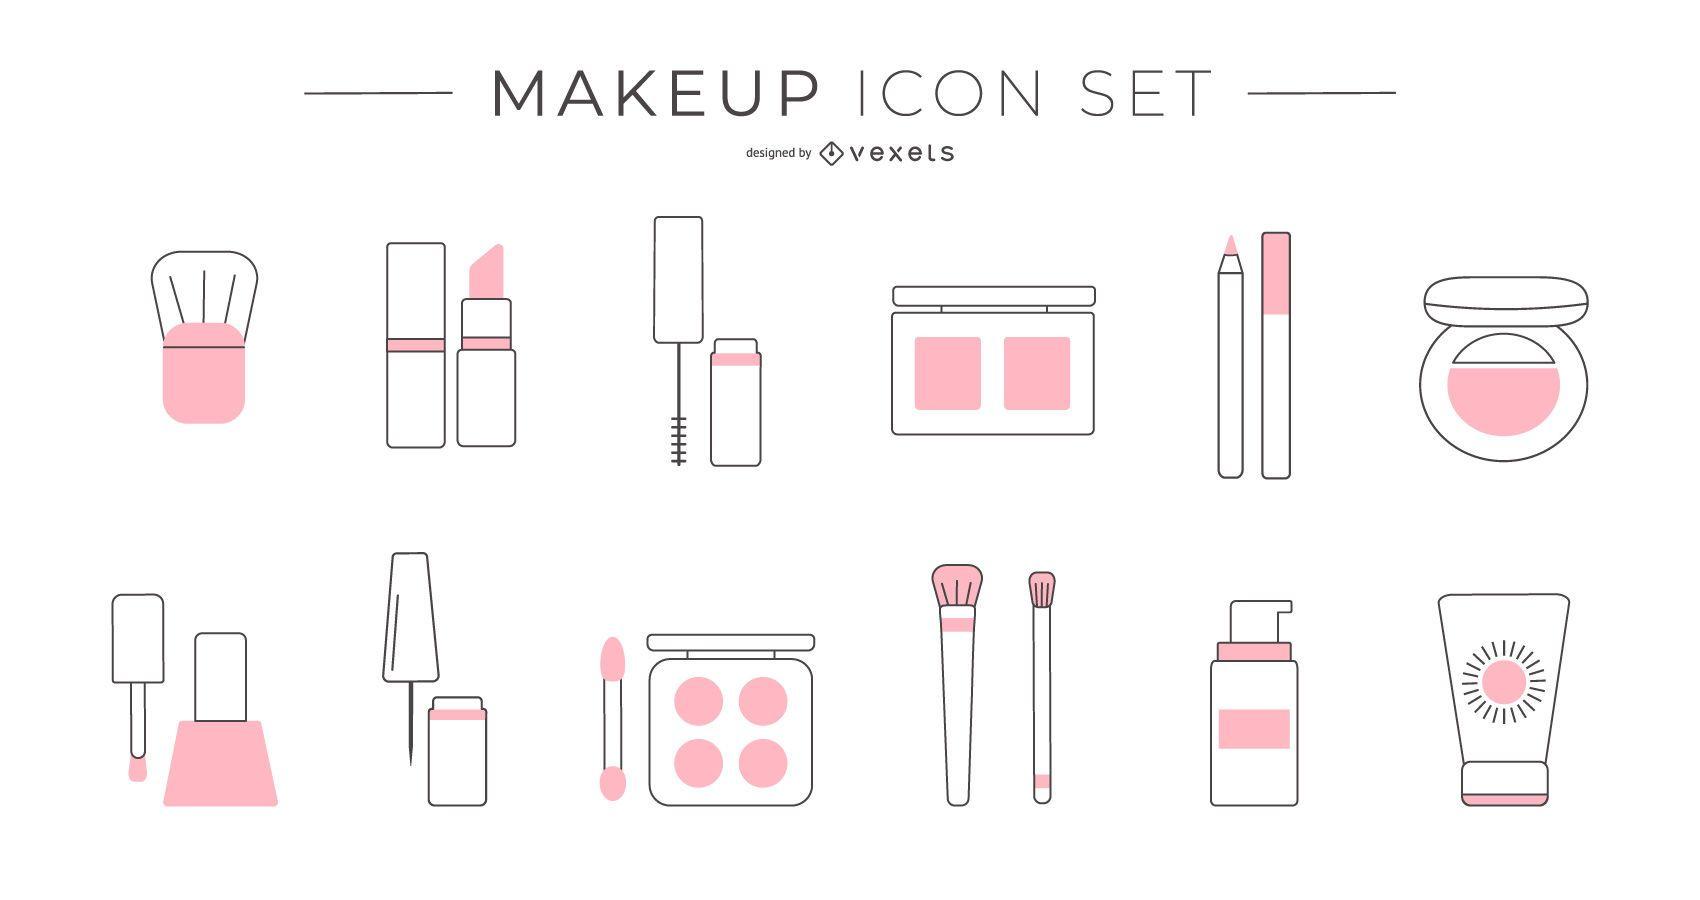 Conjunto de iconos de duotono de maquillaje